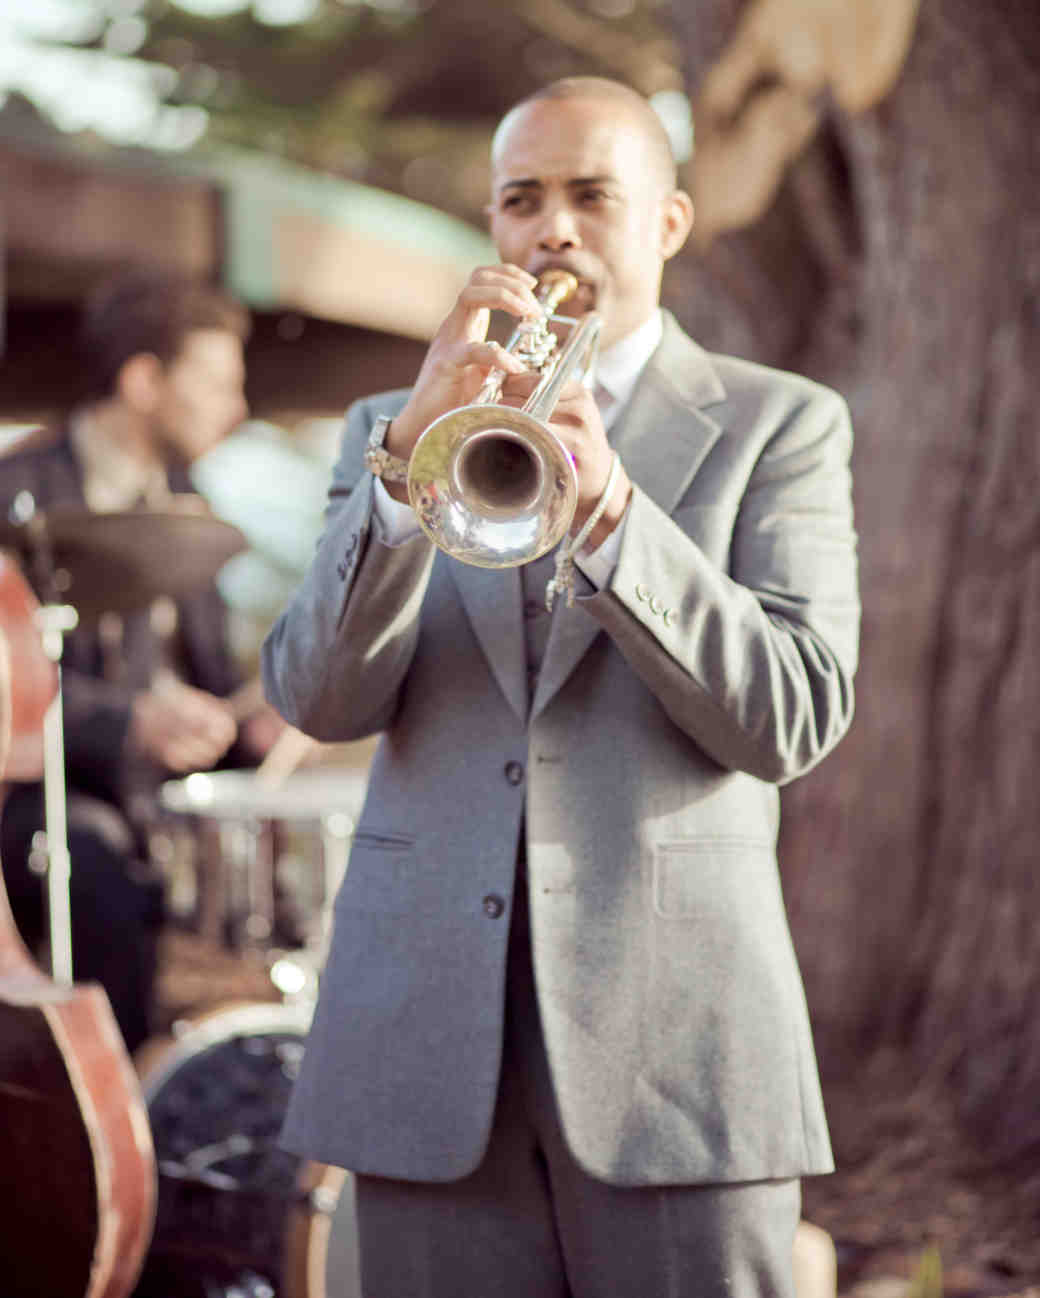 emma-michelle-wedding-music-1110-s112079-0715.jpg